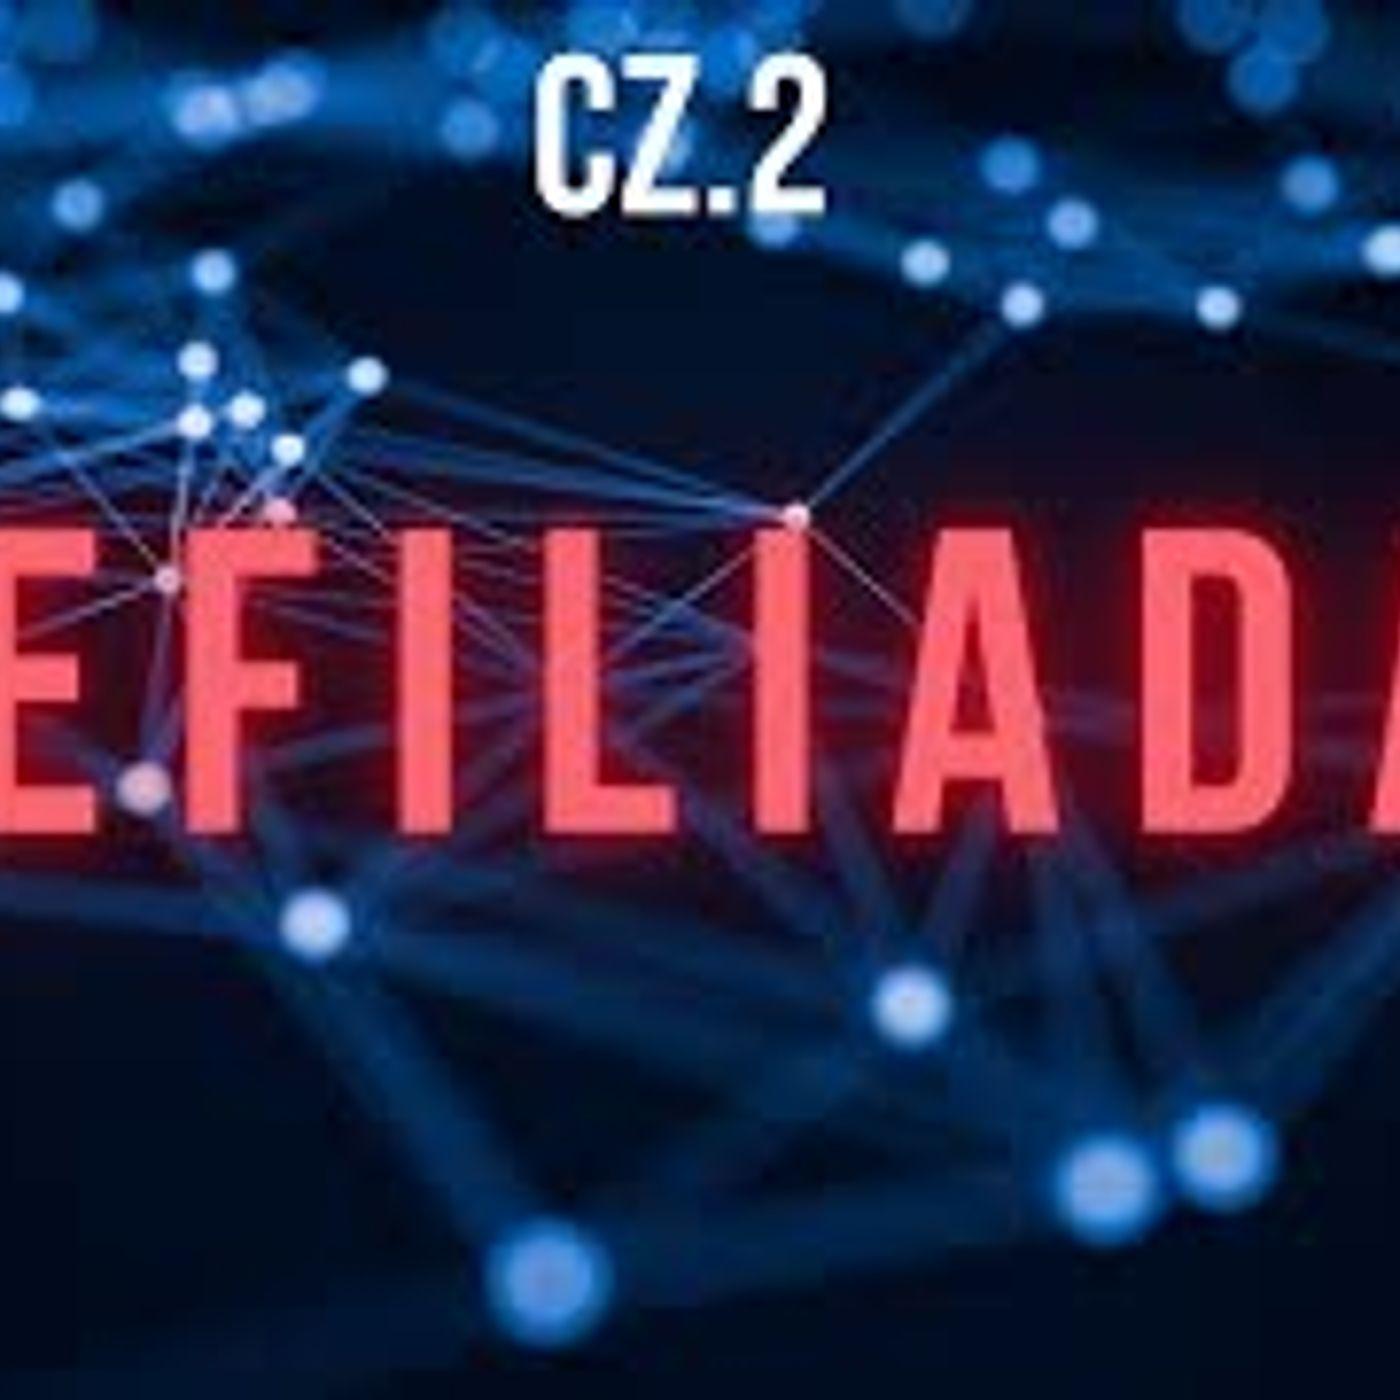 DeFiliada #2 | 20.09.2020 | TETHER może zniszczyć cenę bitcoina i kryptowalut. Czym jest DAI i dlaczego warto z niego korzystać